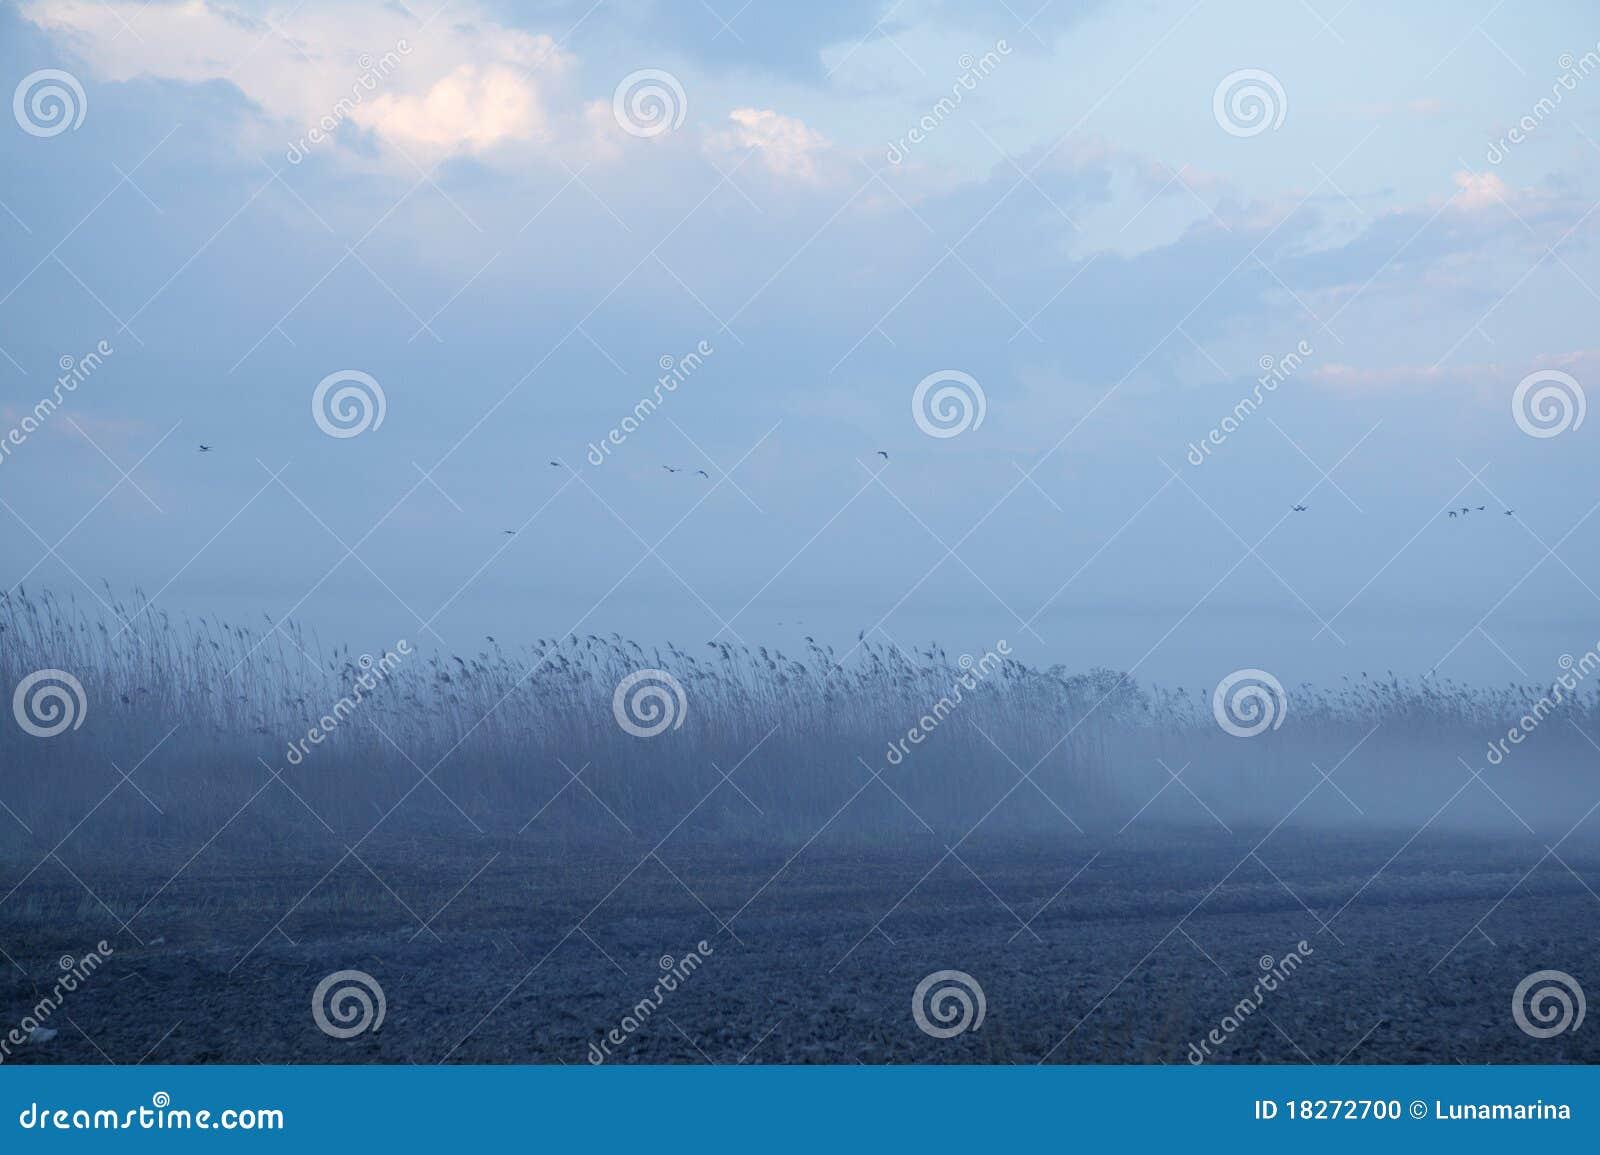 Nevoento amarre a obscuridade da paisagem - cinza azul